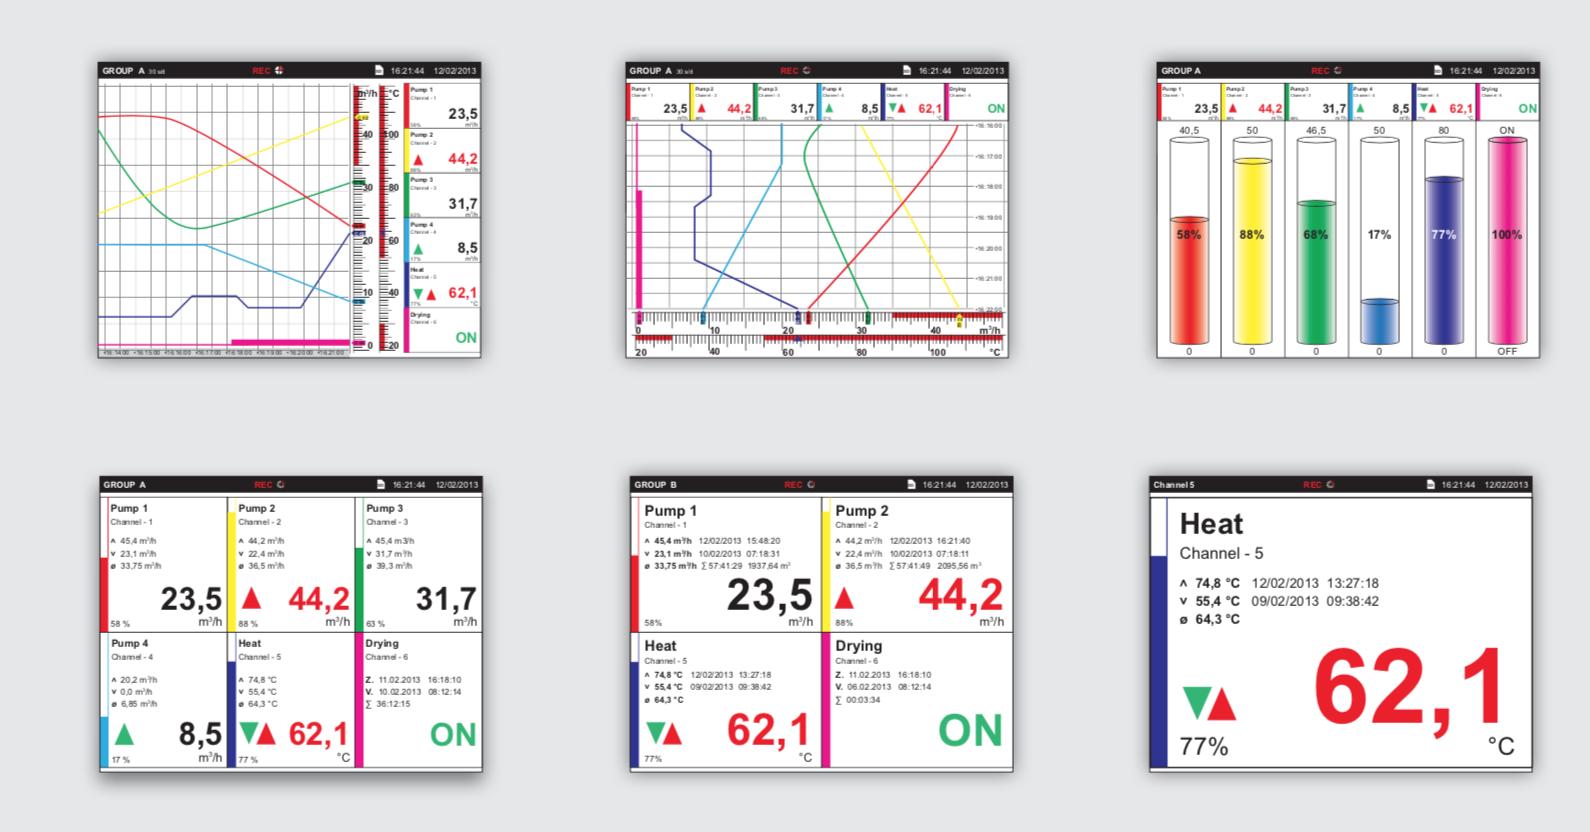 Các biểu đồ biểu diễn trên OMR700